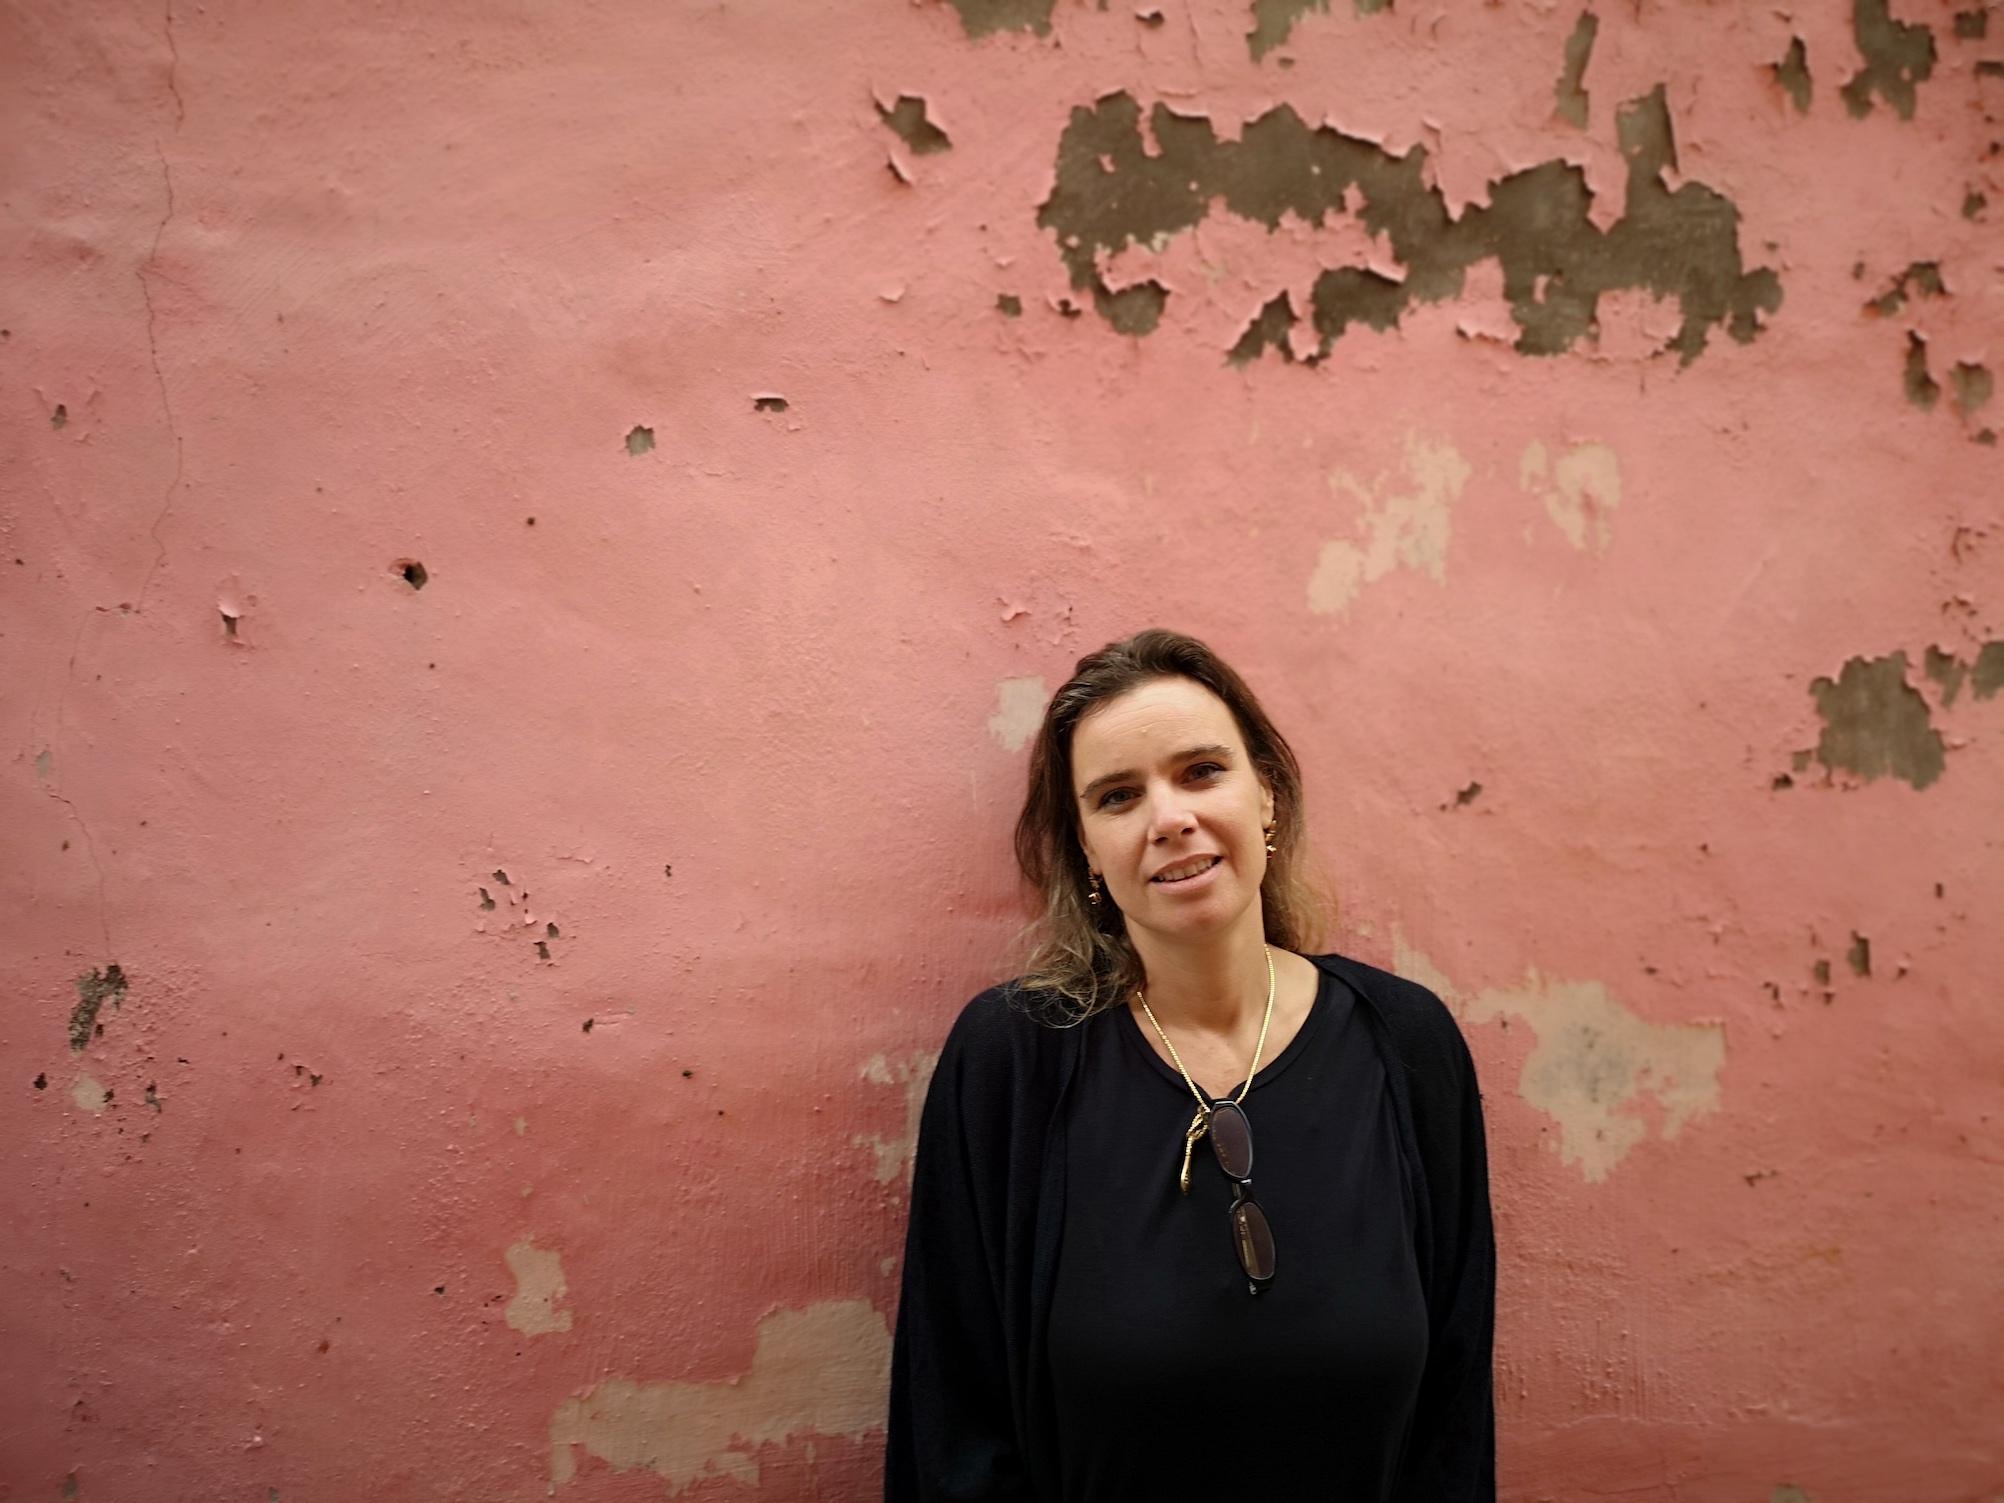 """Ana Jacinto Nunes, pintora e artista plástica: """"Gosto da fusão da caligrafia com pintura ocidental"""""""